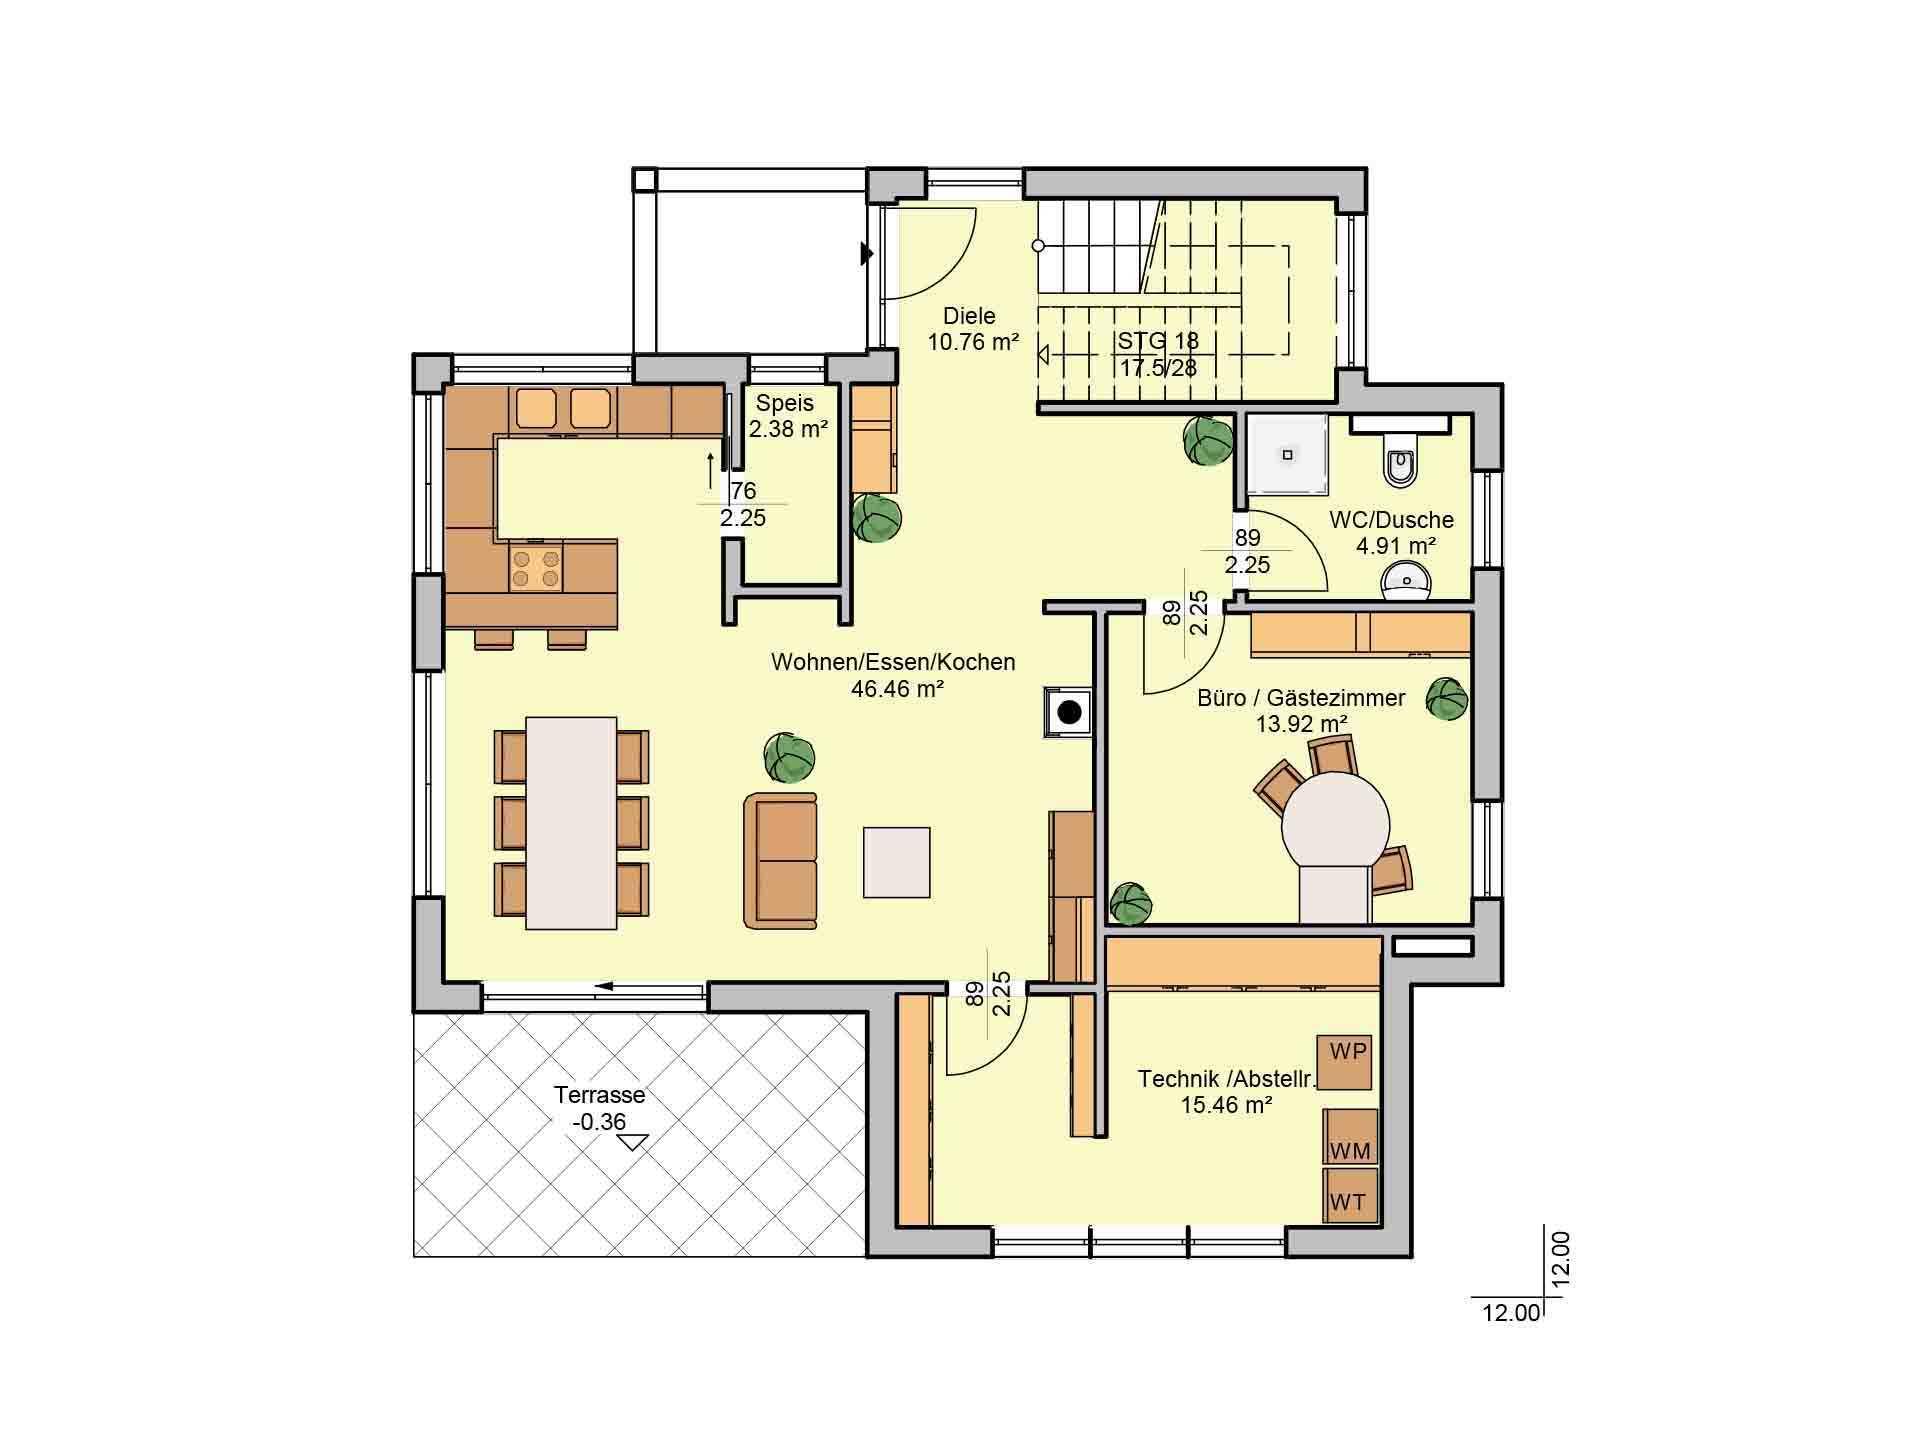 Elegant 168 (Musterhaus Fellbach) - Eine Nahaufnahme einer Uhr - Gebäudeplan